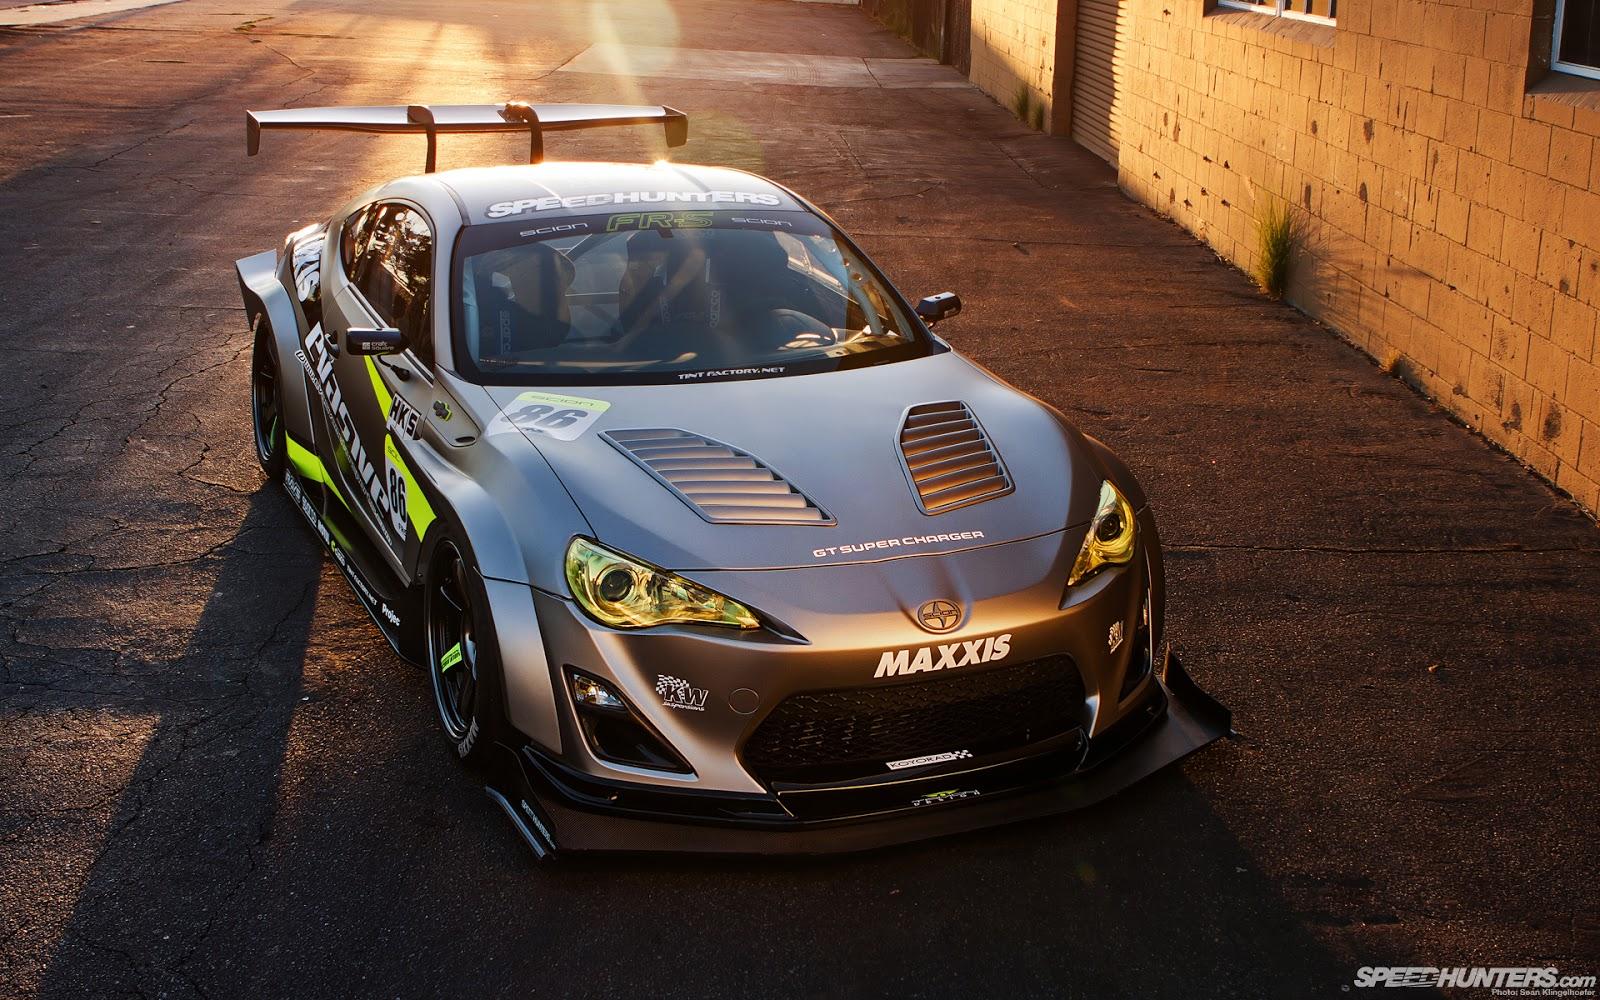 Scion FR-S, silnik boxer, nowe auta z napędem na tył, japońskie sportowe samochody, po tuningu, spojler, modyfikacje, galeria, zdjęcia